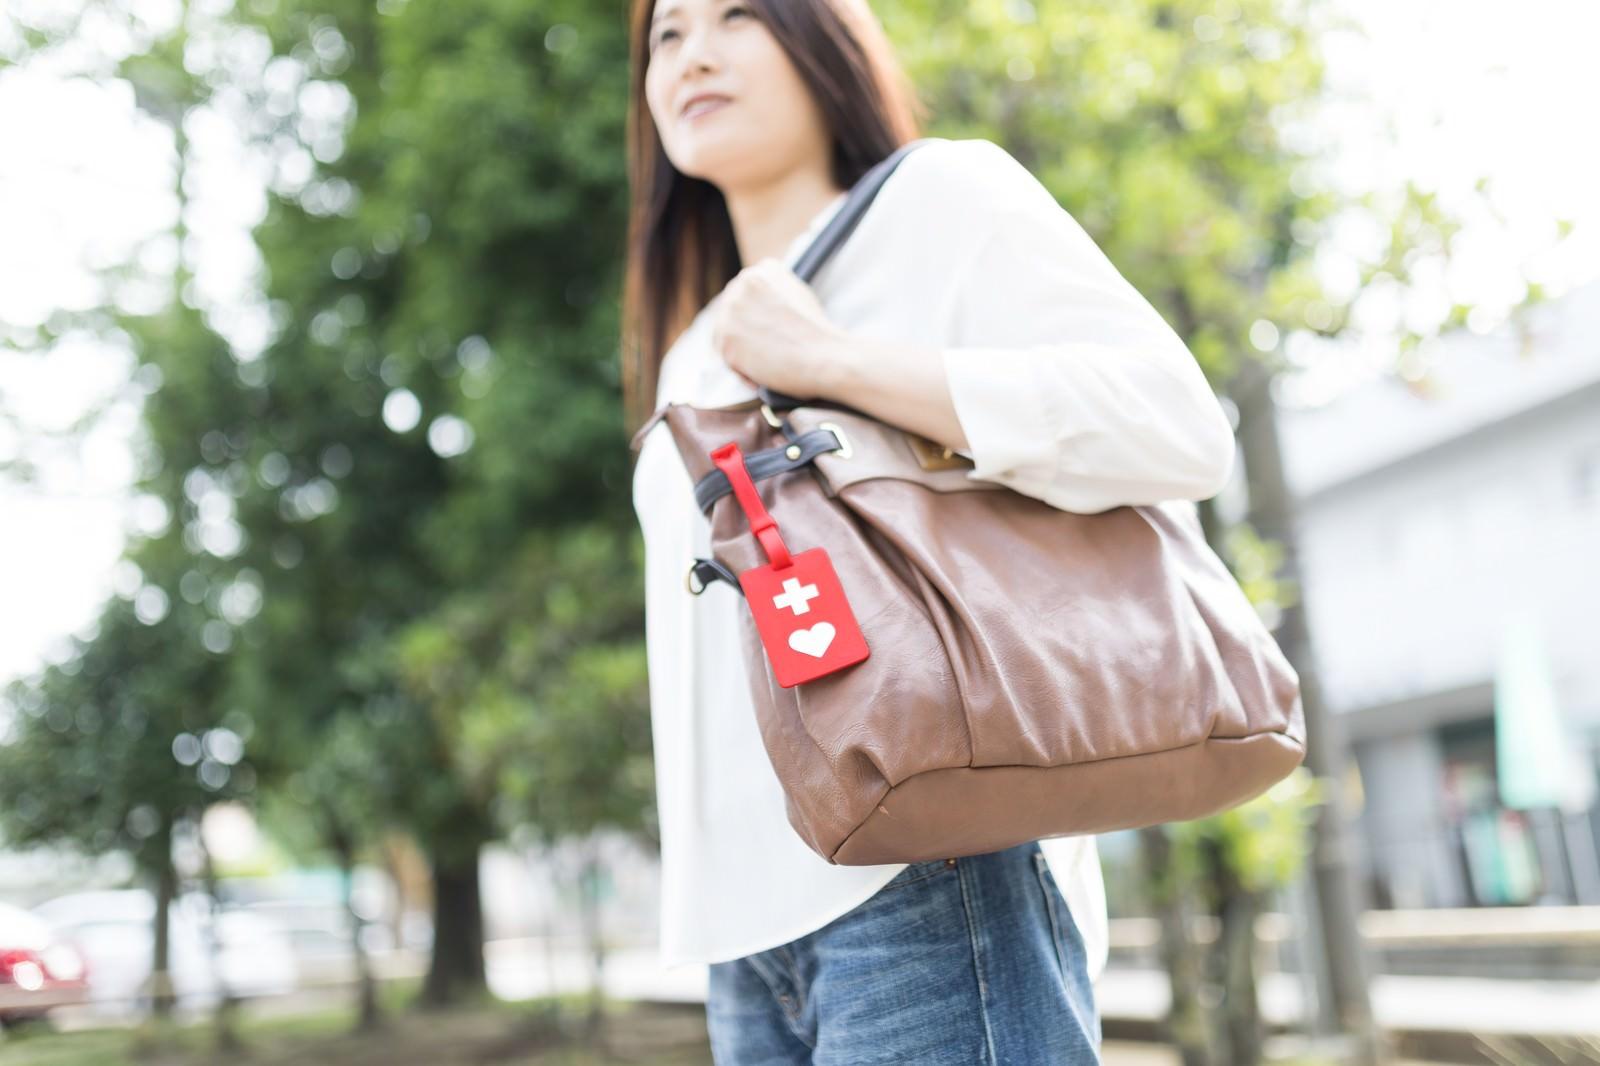 「ヘルプマークをバッグに取り付けた女性」の写真[モデル:土本寛子]